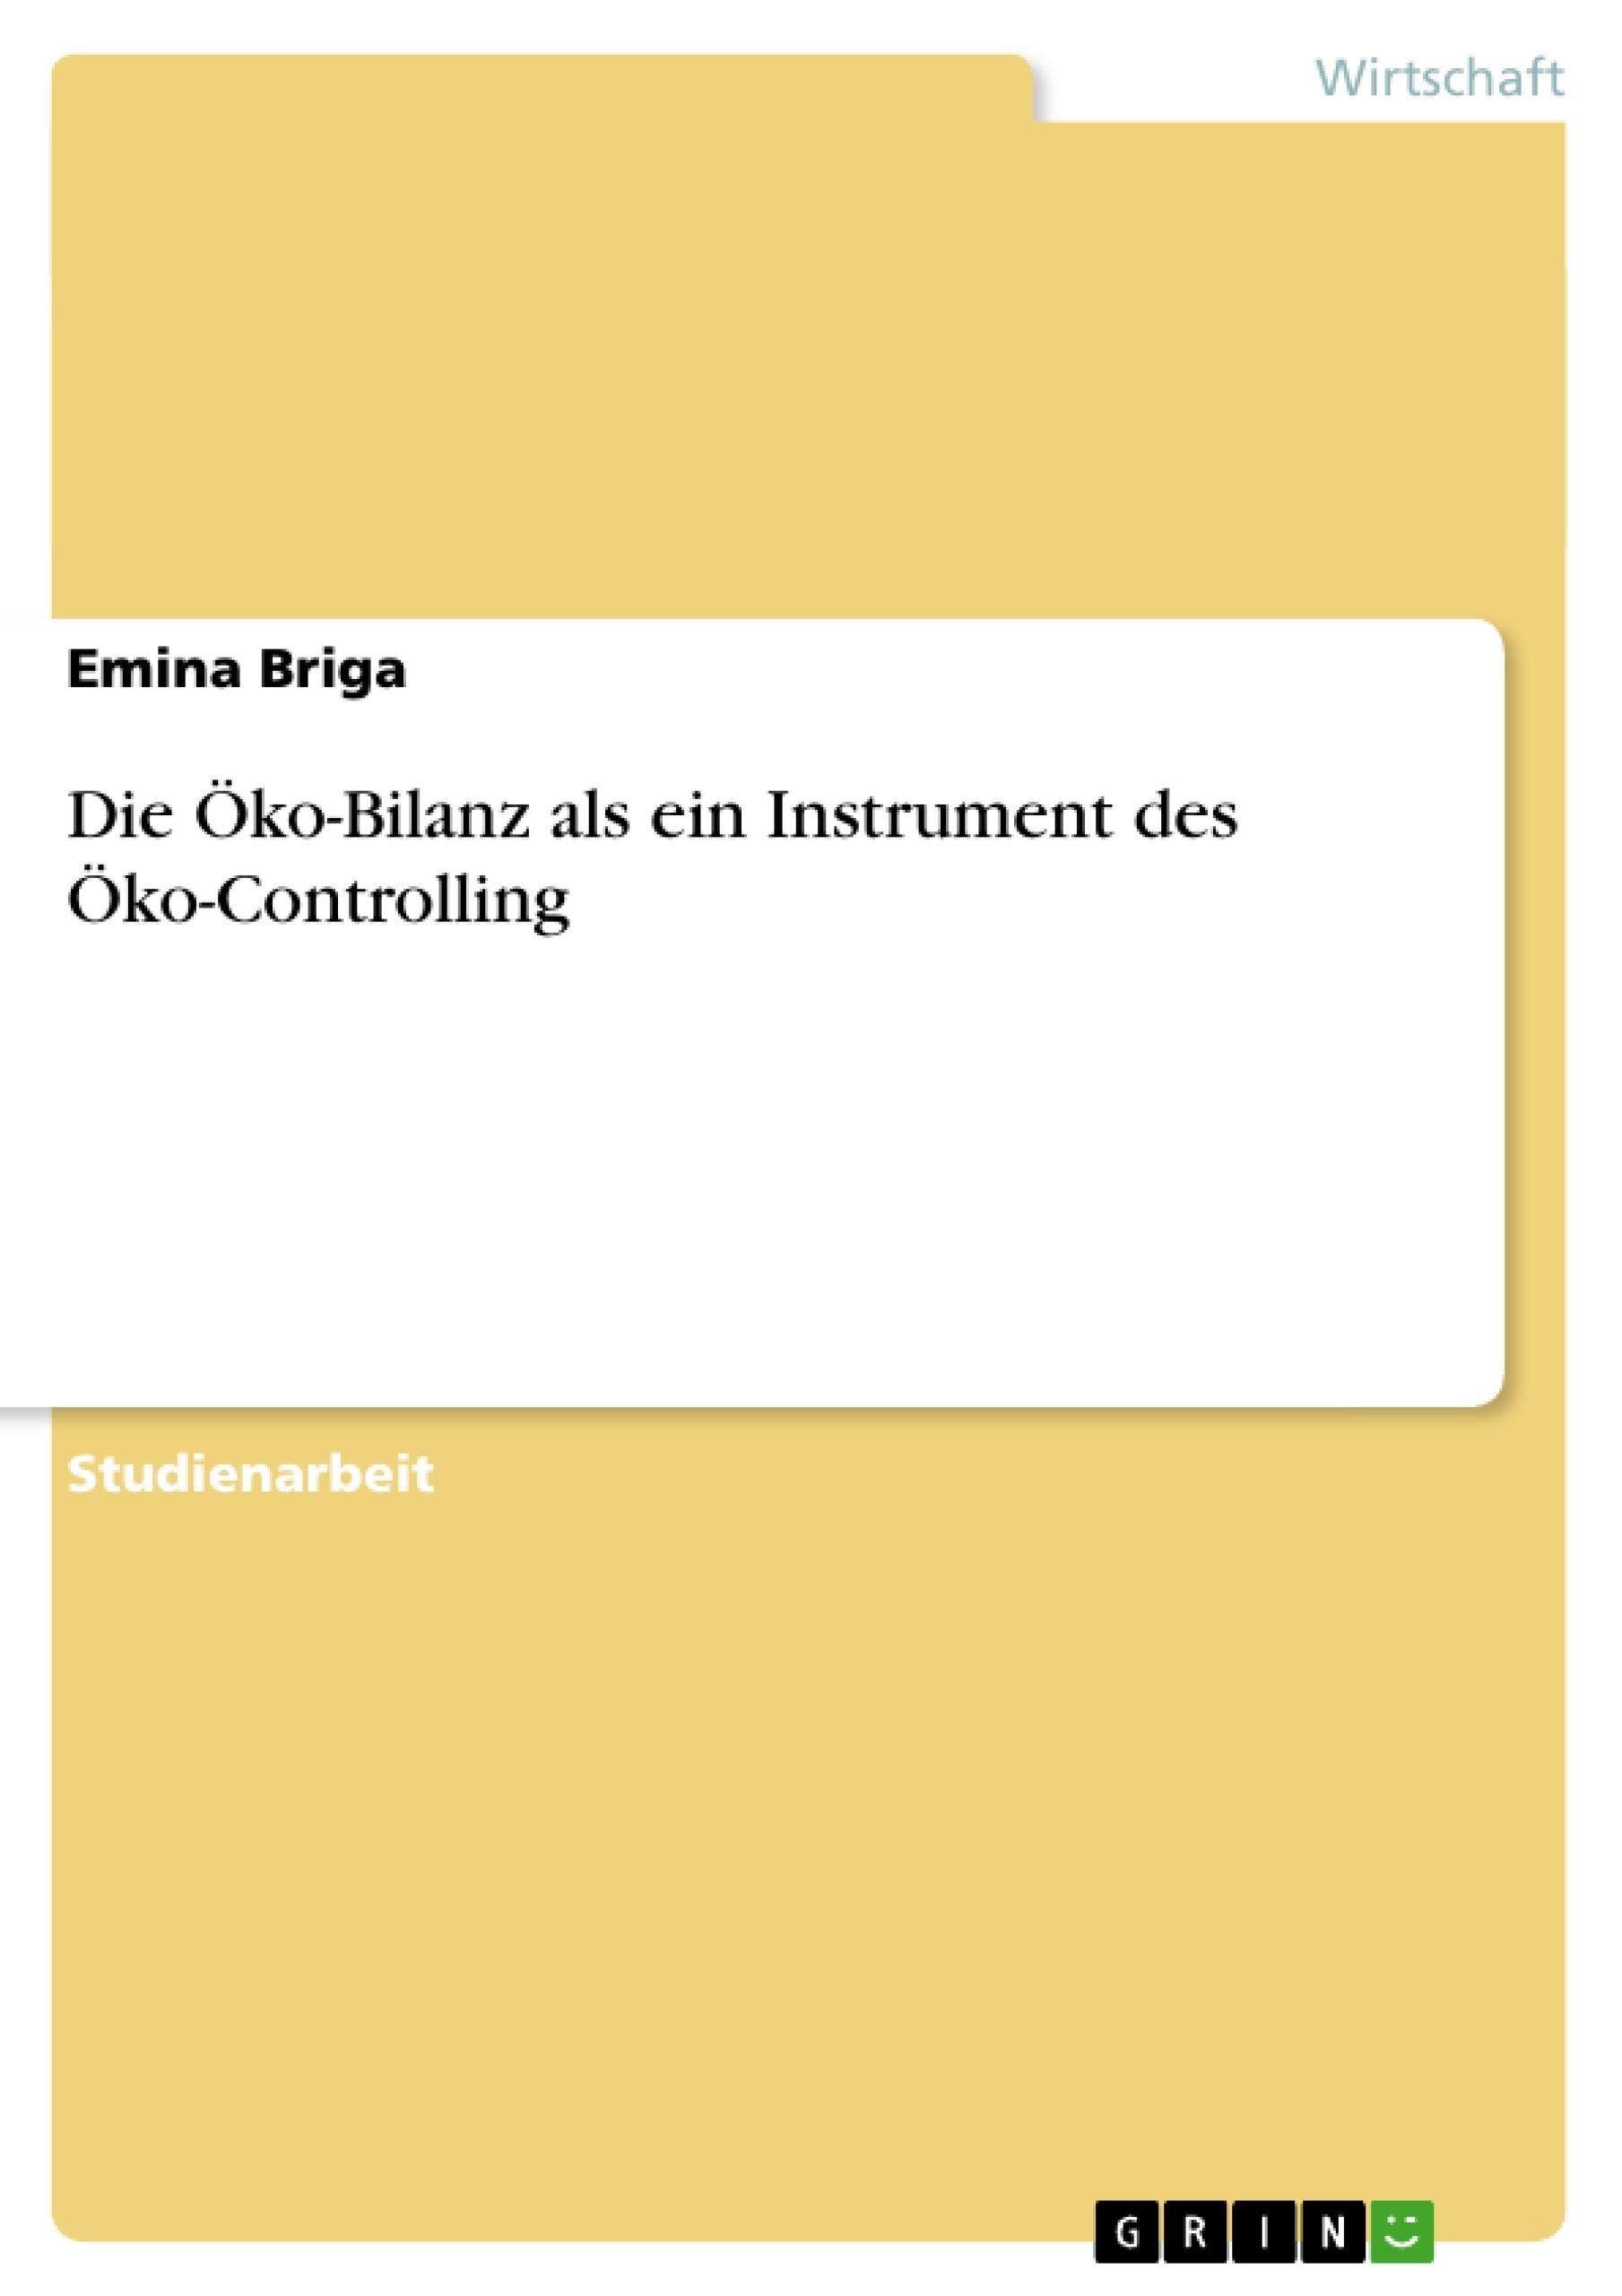 Titel: Die Öko-Bilanz als ein Instrument des Öko-Controlling